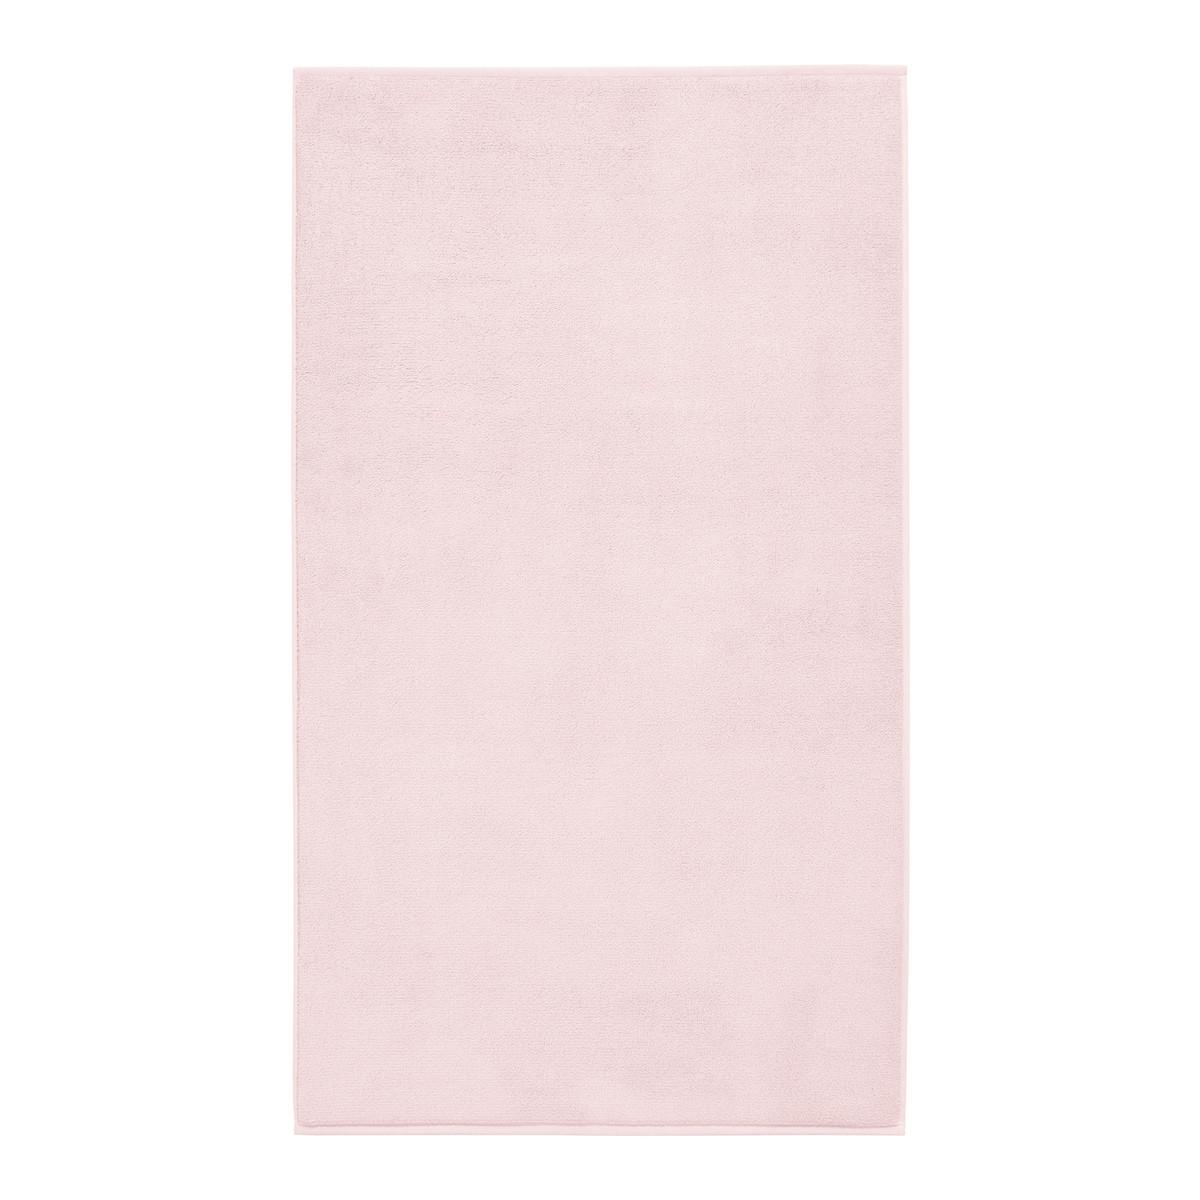 Allrounder TAPIS DE DOUCHE XL ROSE BLOSSOM